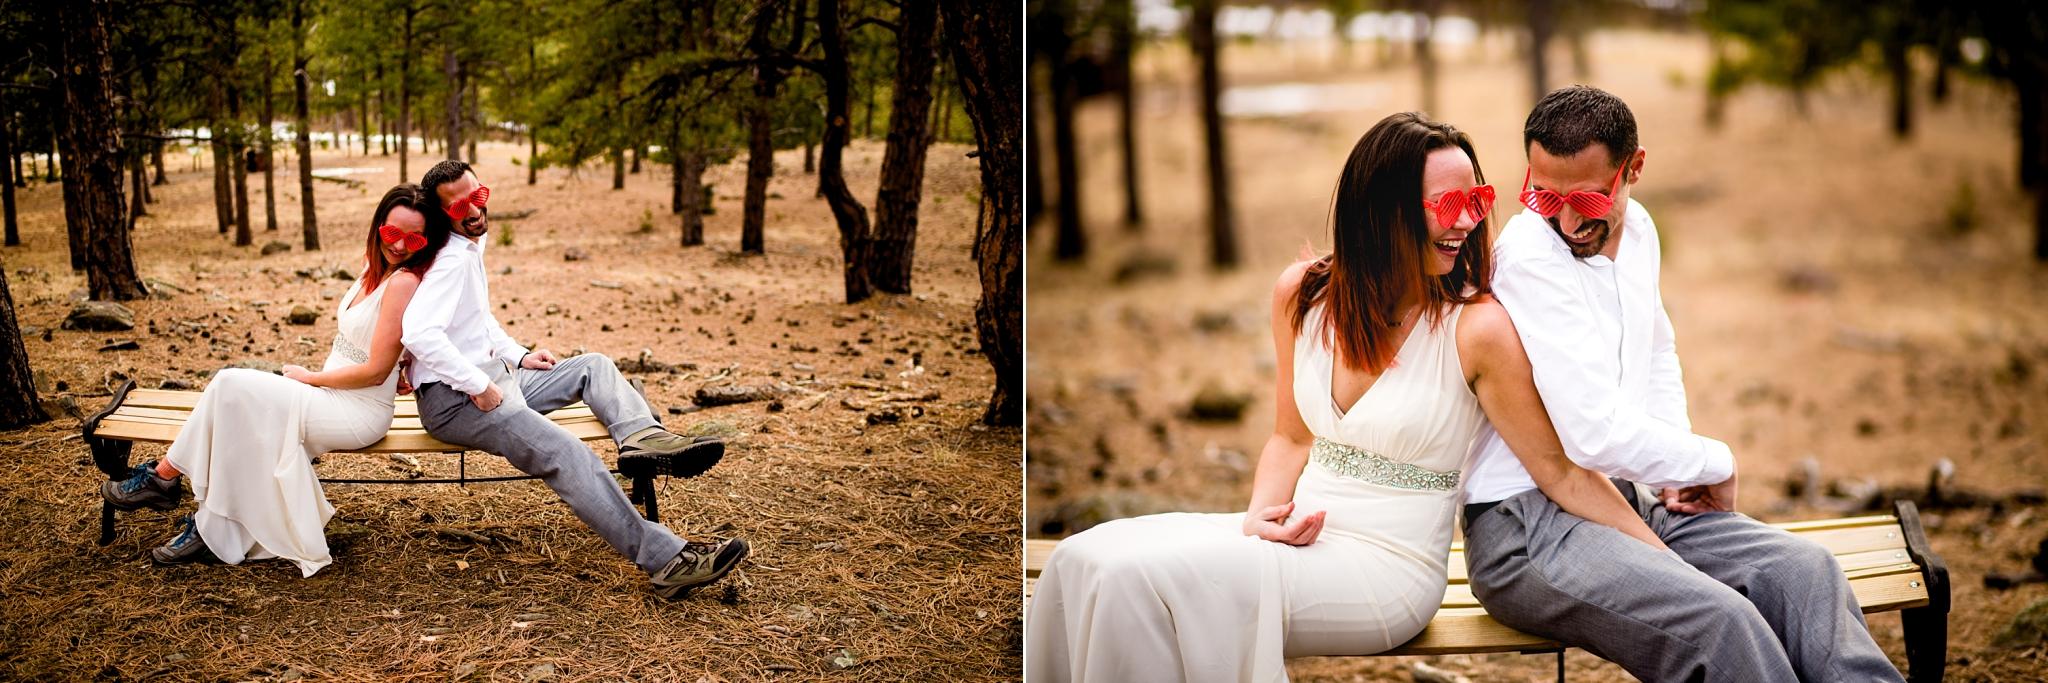 Golden Colorado Elopement Photos_0027.jpg